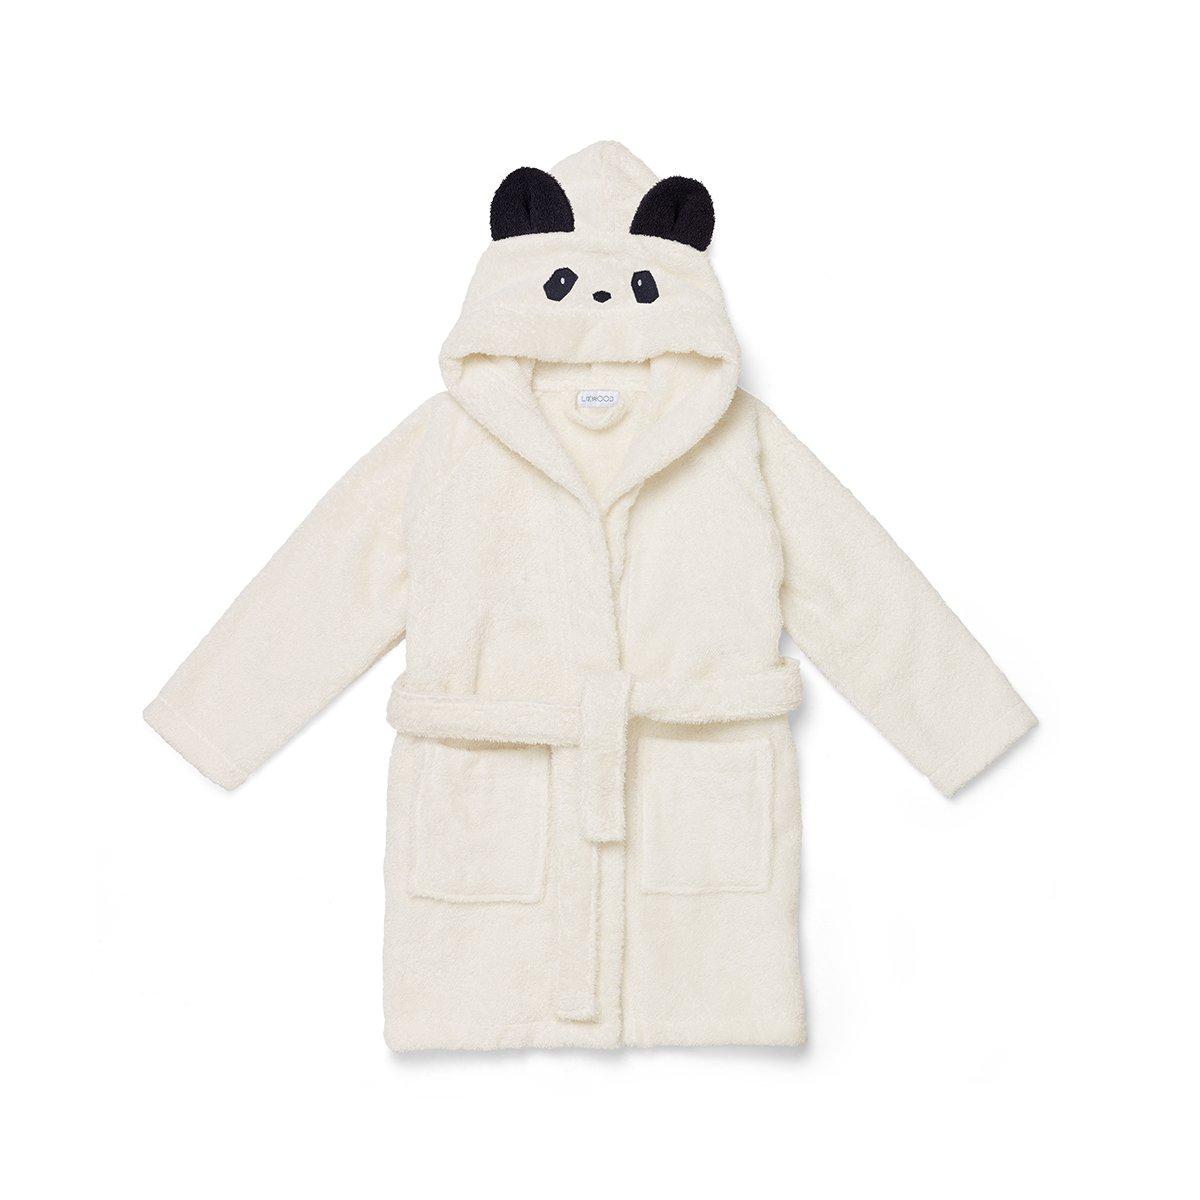 【现货爆款】丹麦 liewood 1-2岁幼儿童熊猫带帽浴袍家居服100%有机棉毛圈